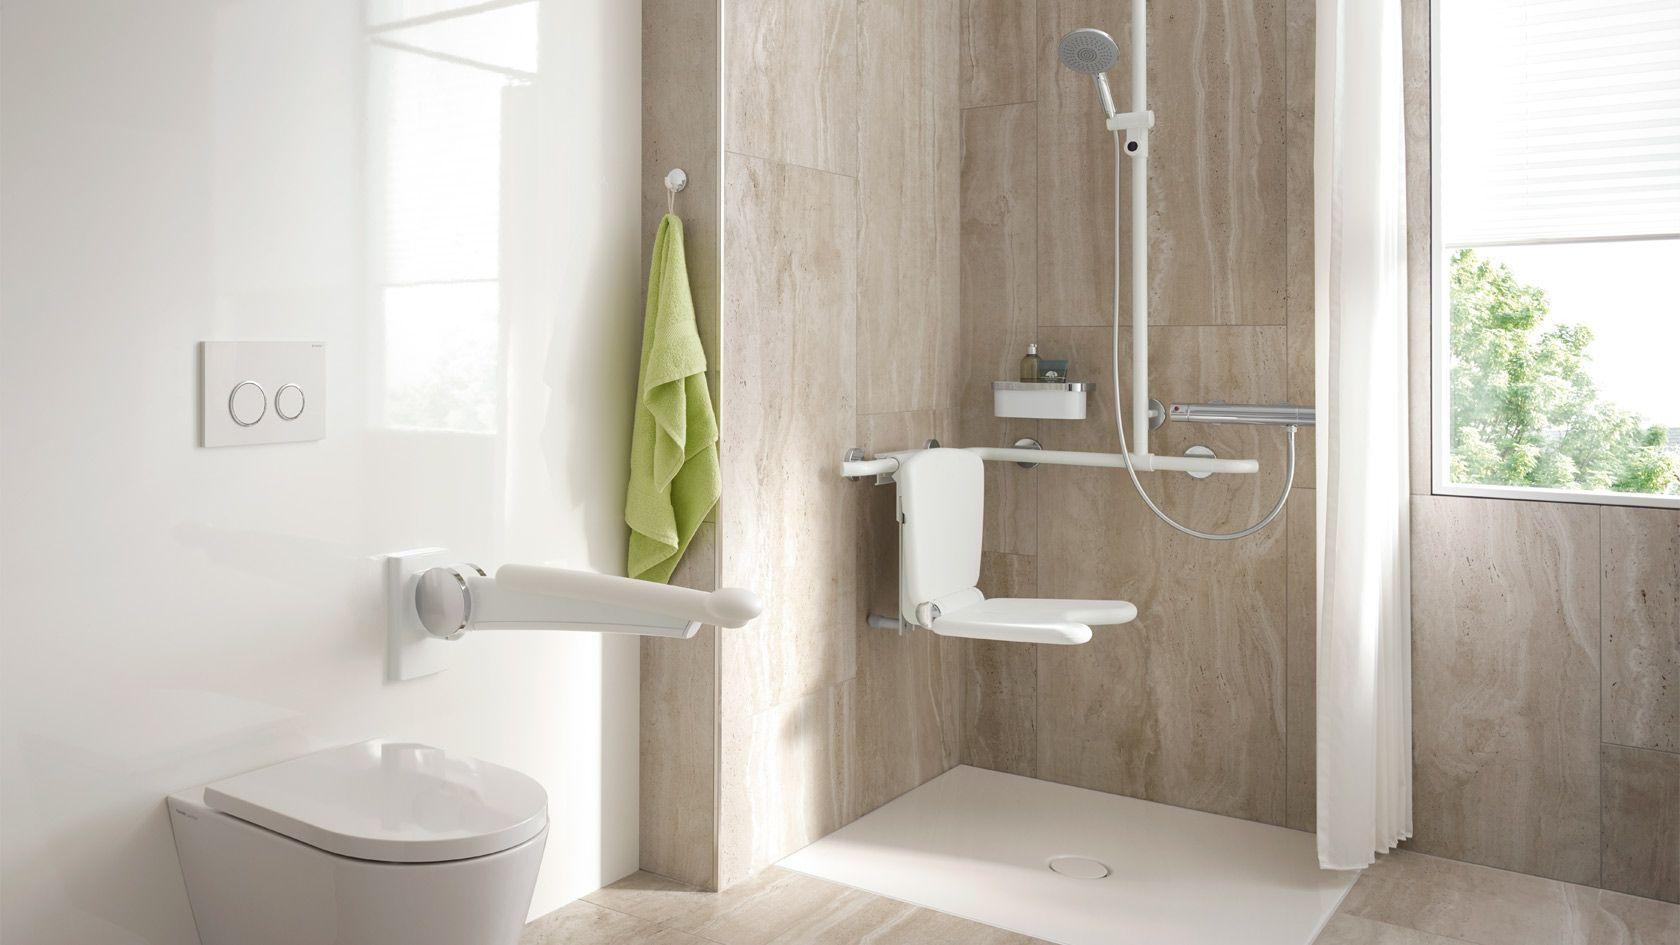 Lifesystem Das Profisystem Für Die Pflege Bathroom Banheiro